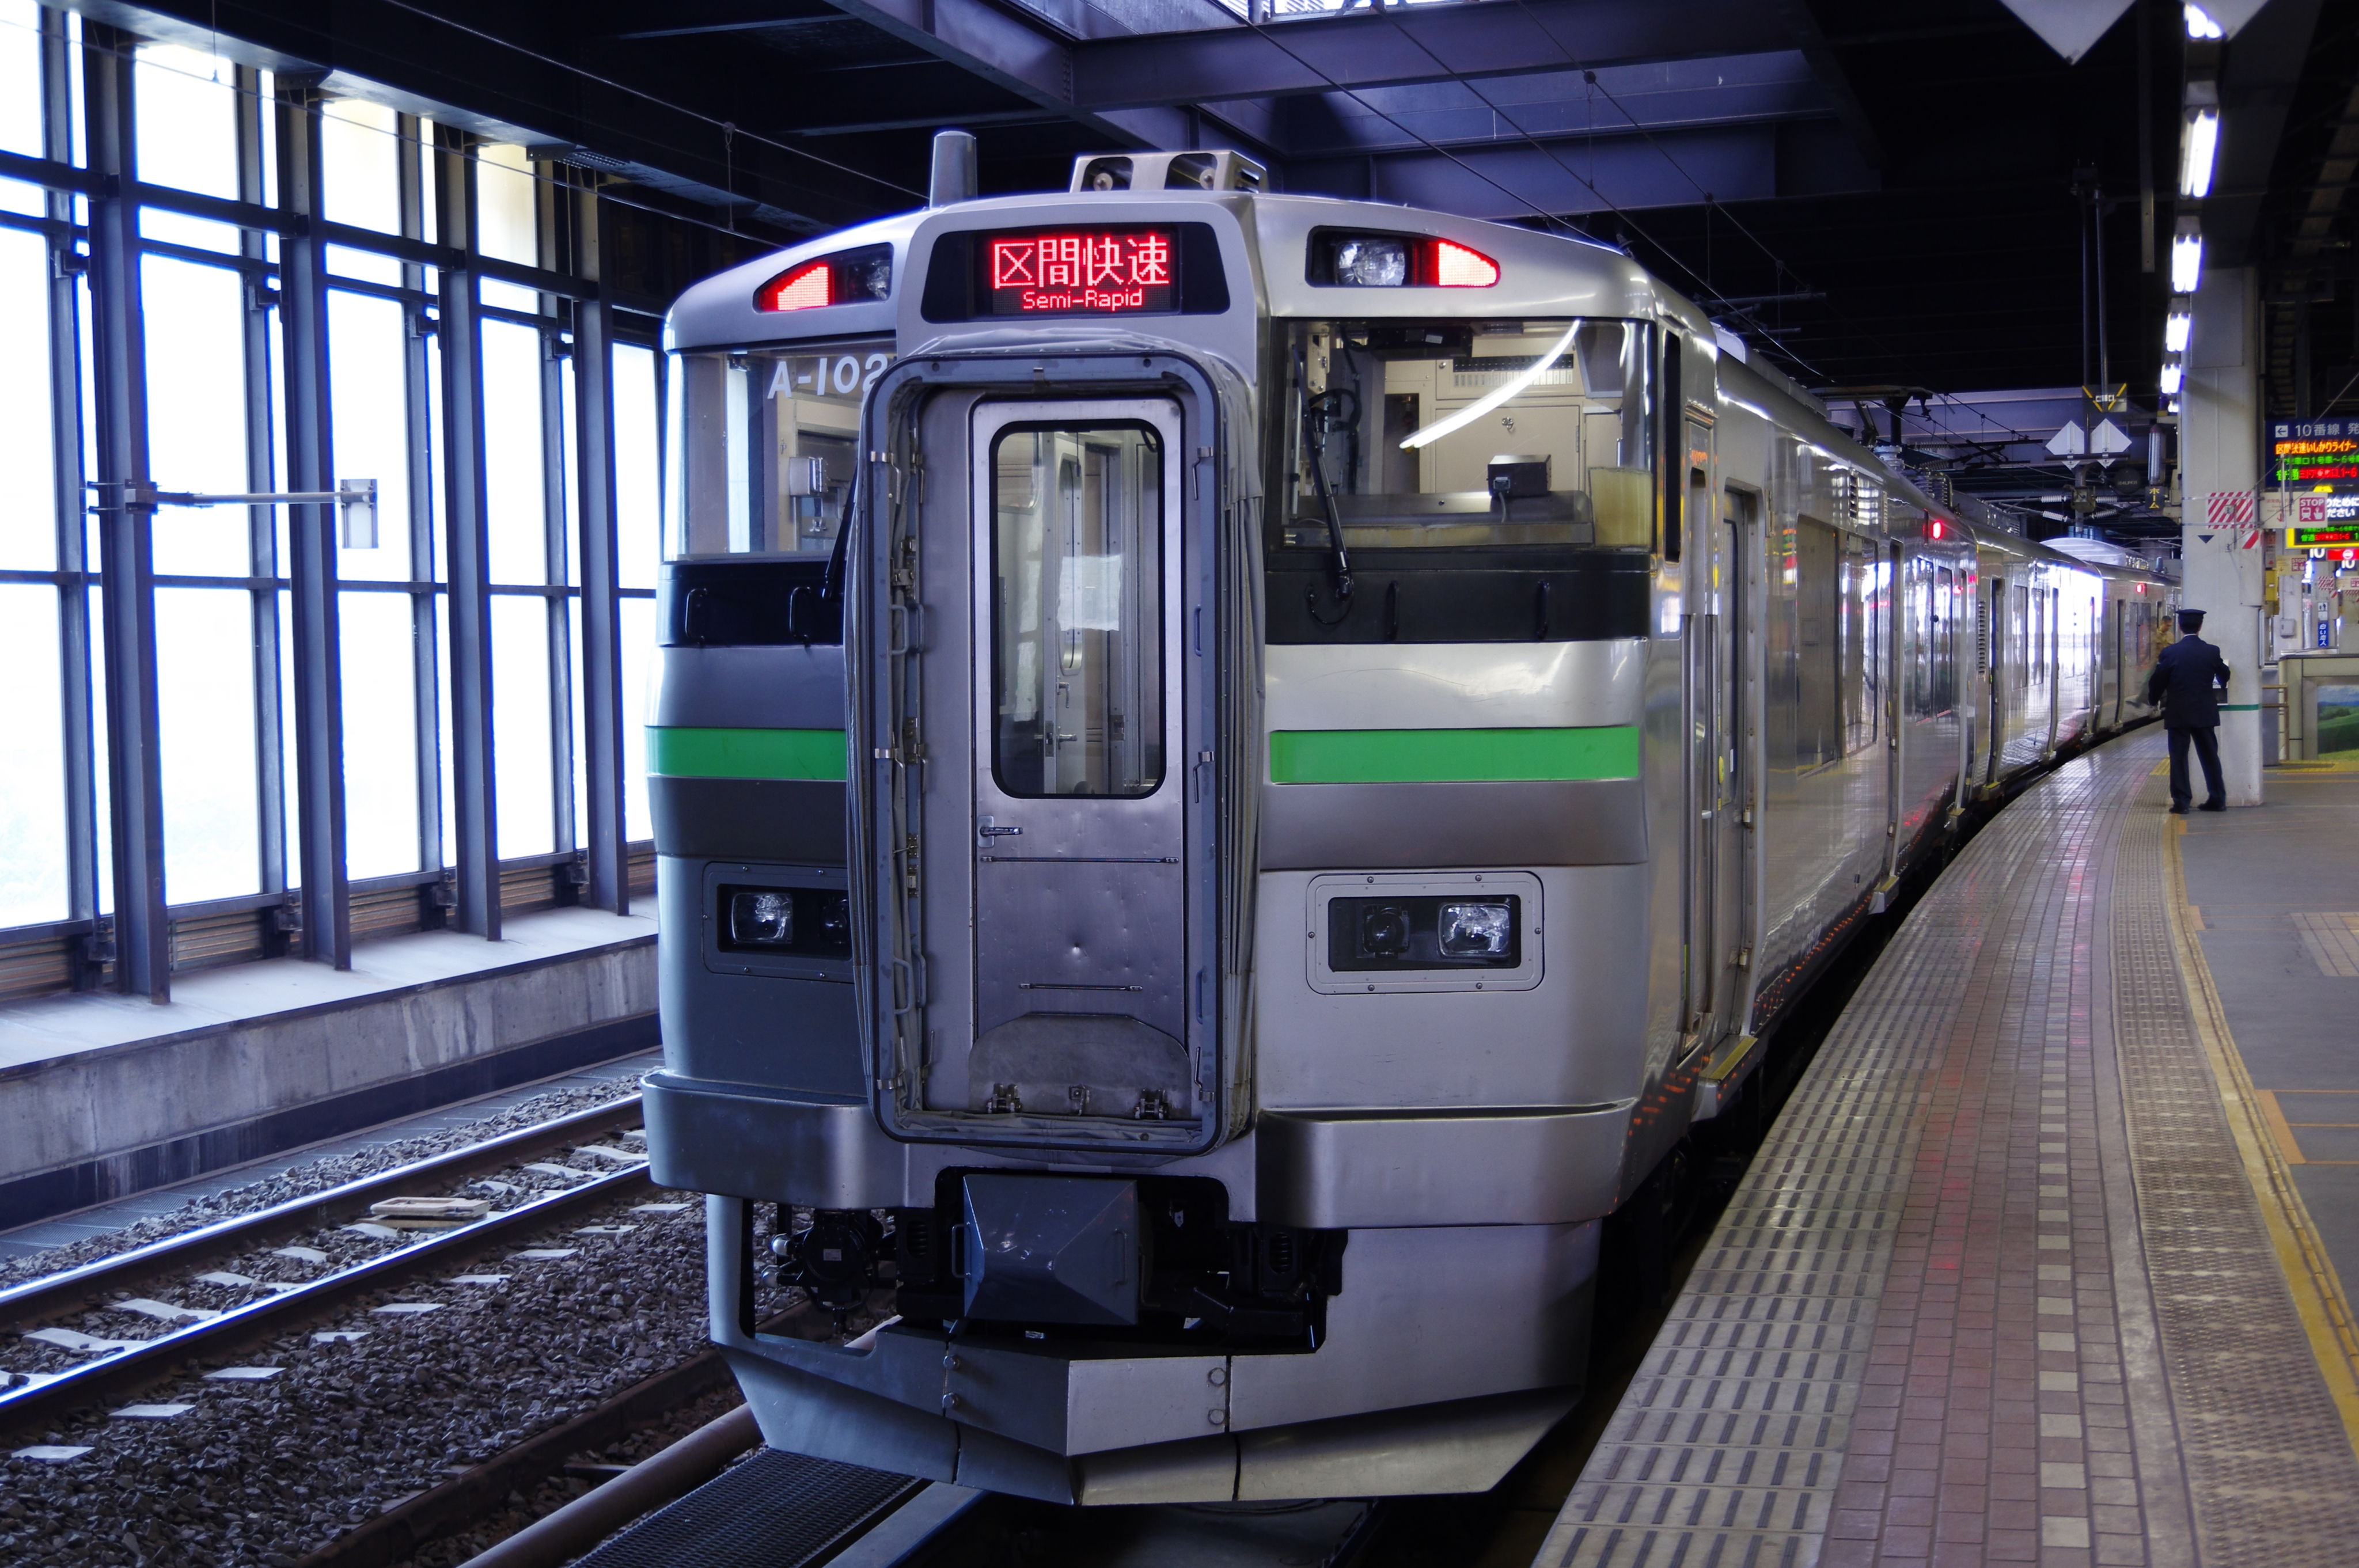 3195M 735系 いしかりライナー_180621 (1).jpg